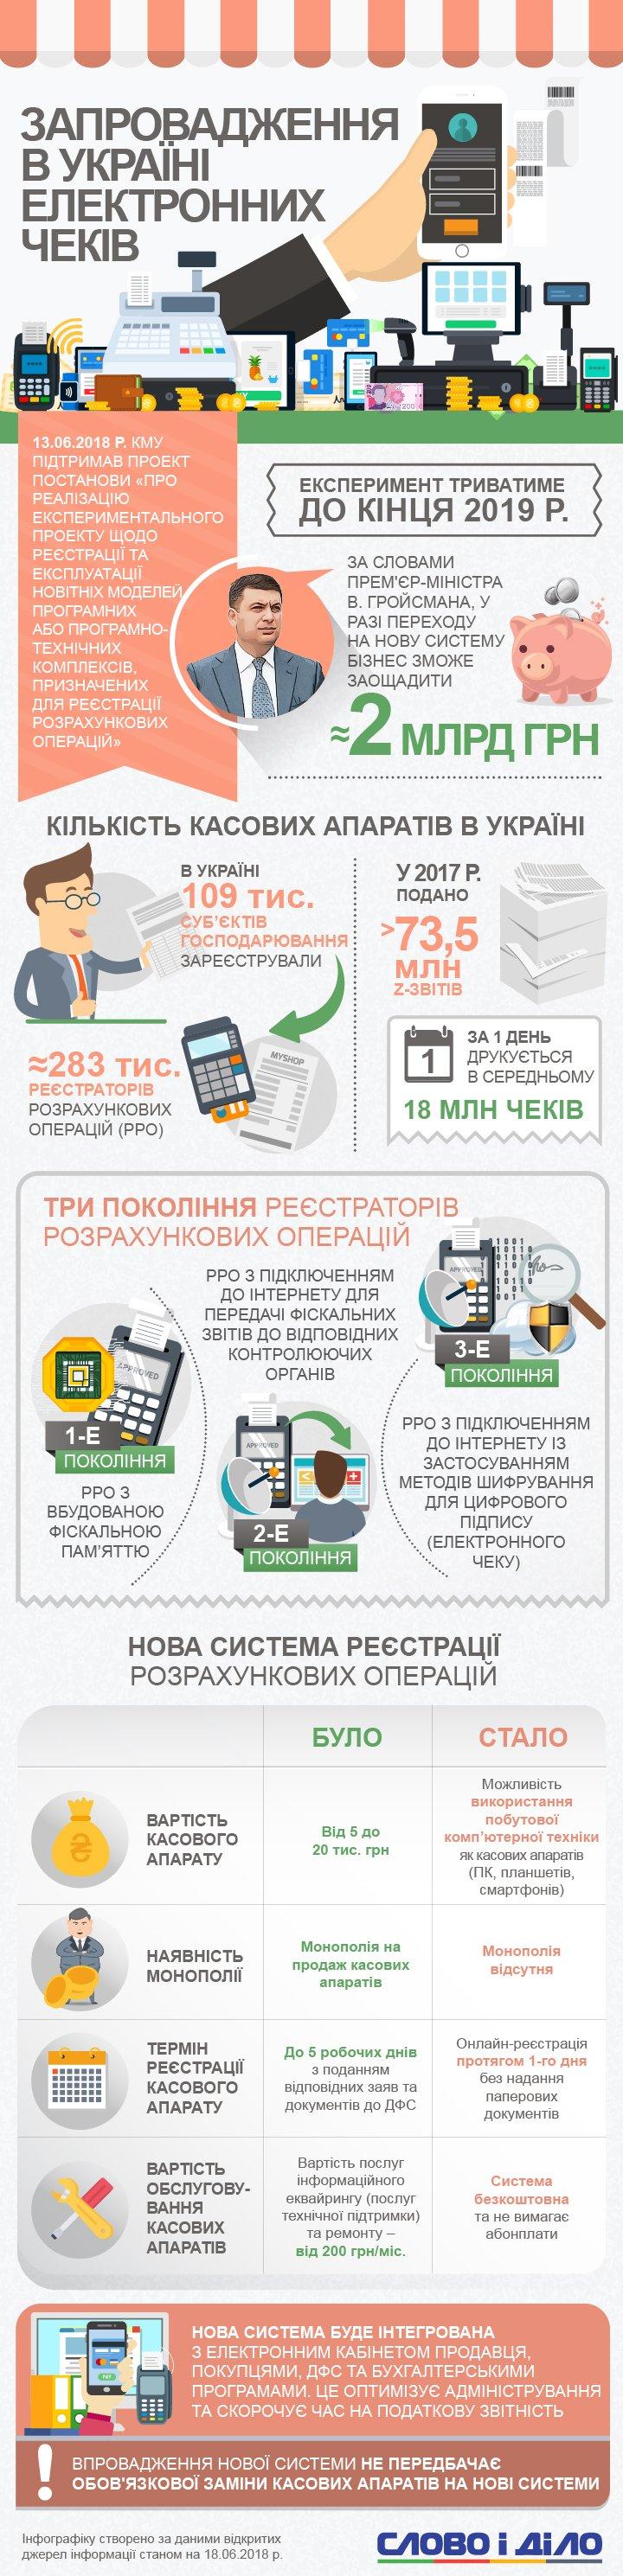 Как в Украине внедрят электронные чеки